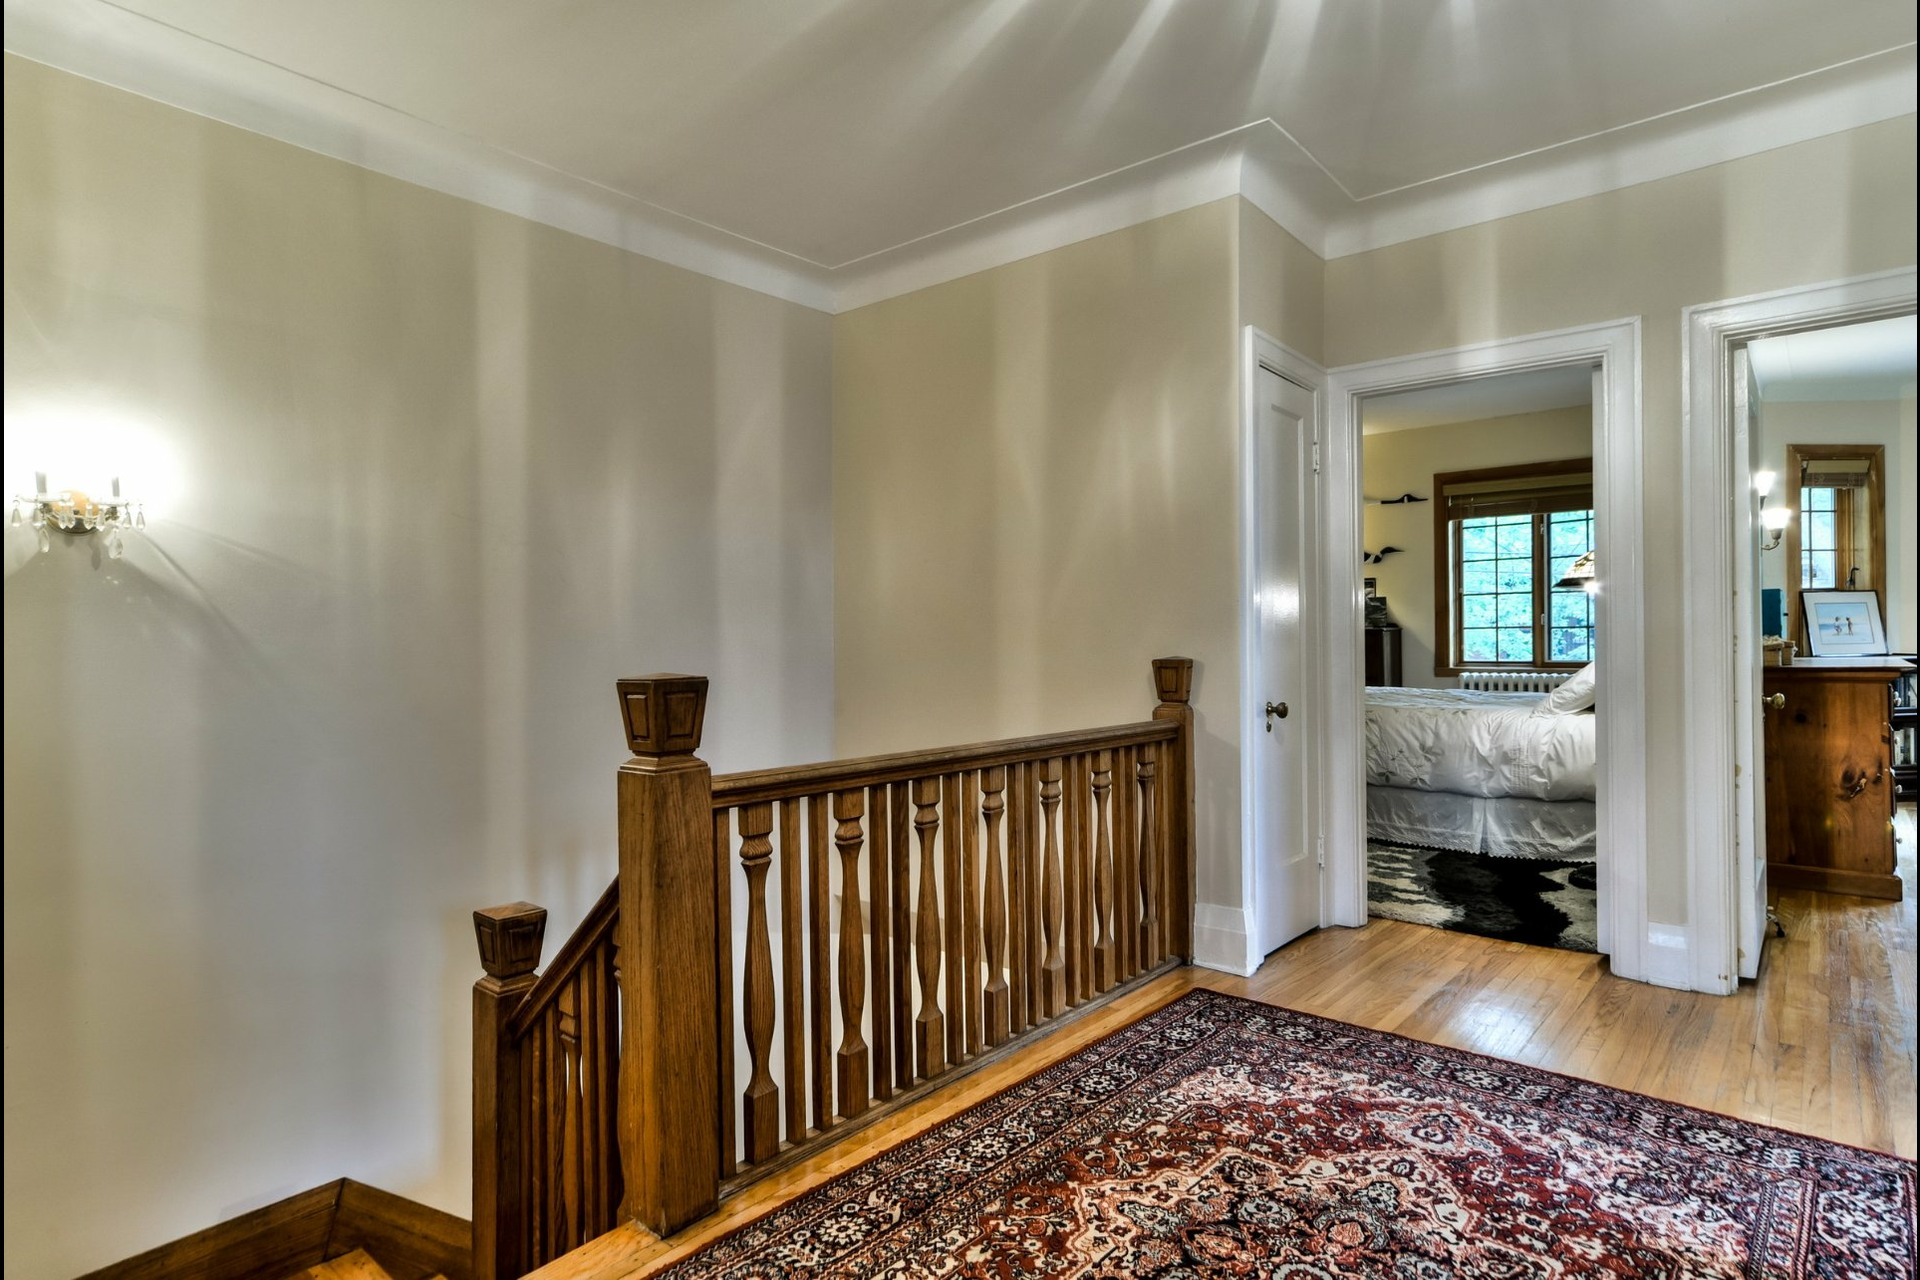 image 19 - House For sale Côte-des-Neiges/Notre-Dame-de-Grâce Montréal  - 13 rooms